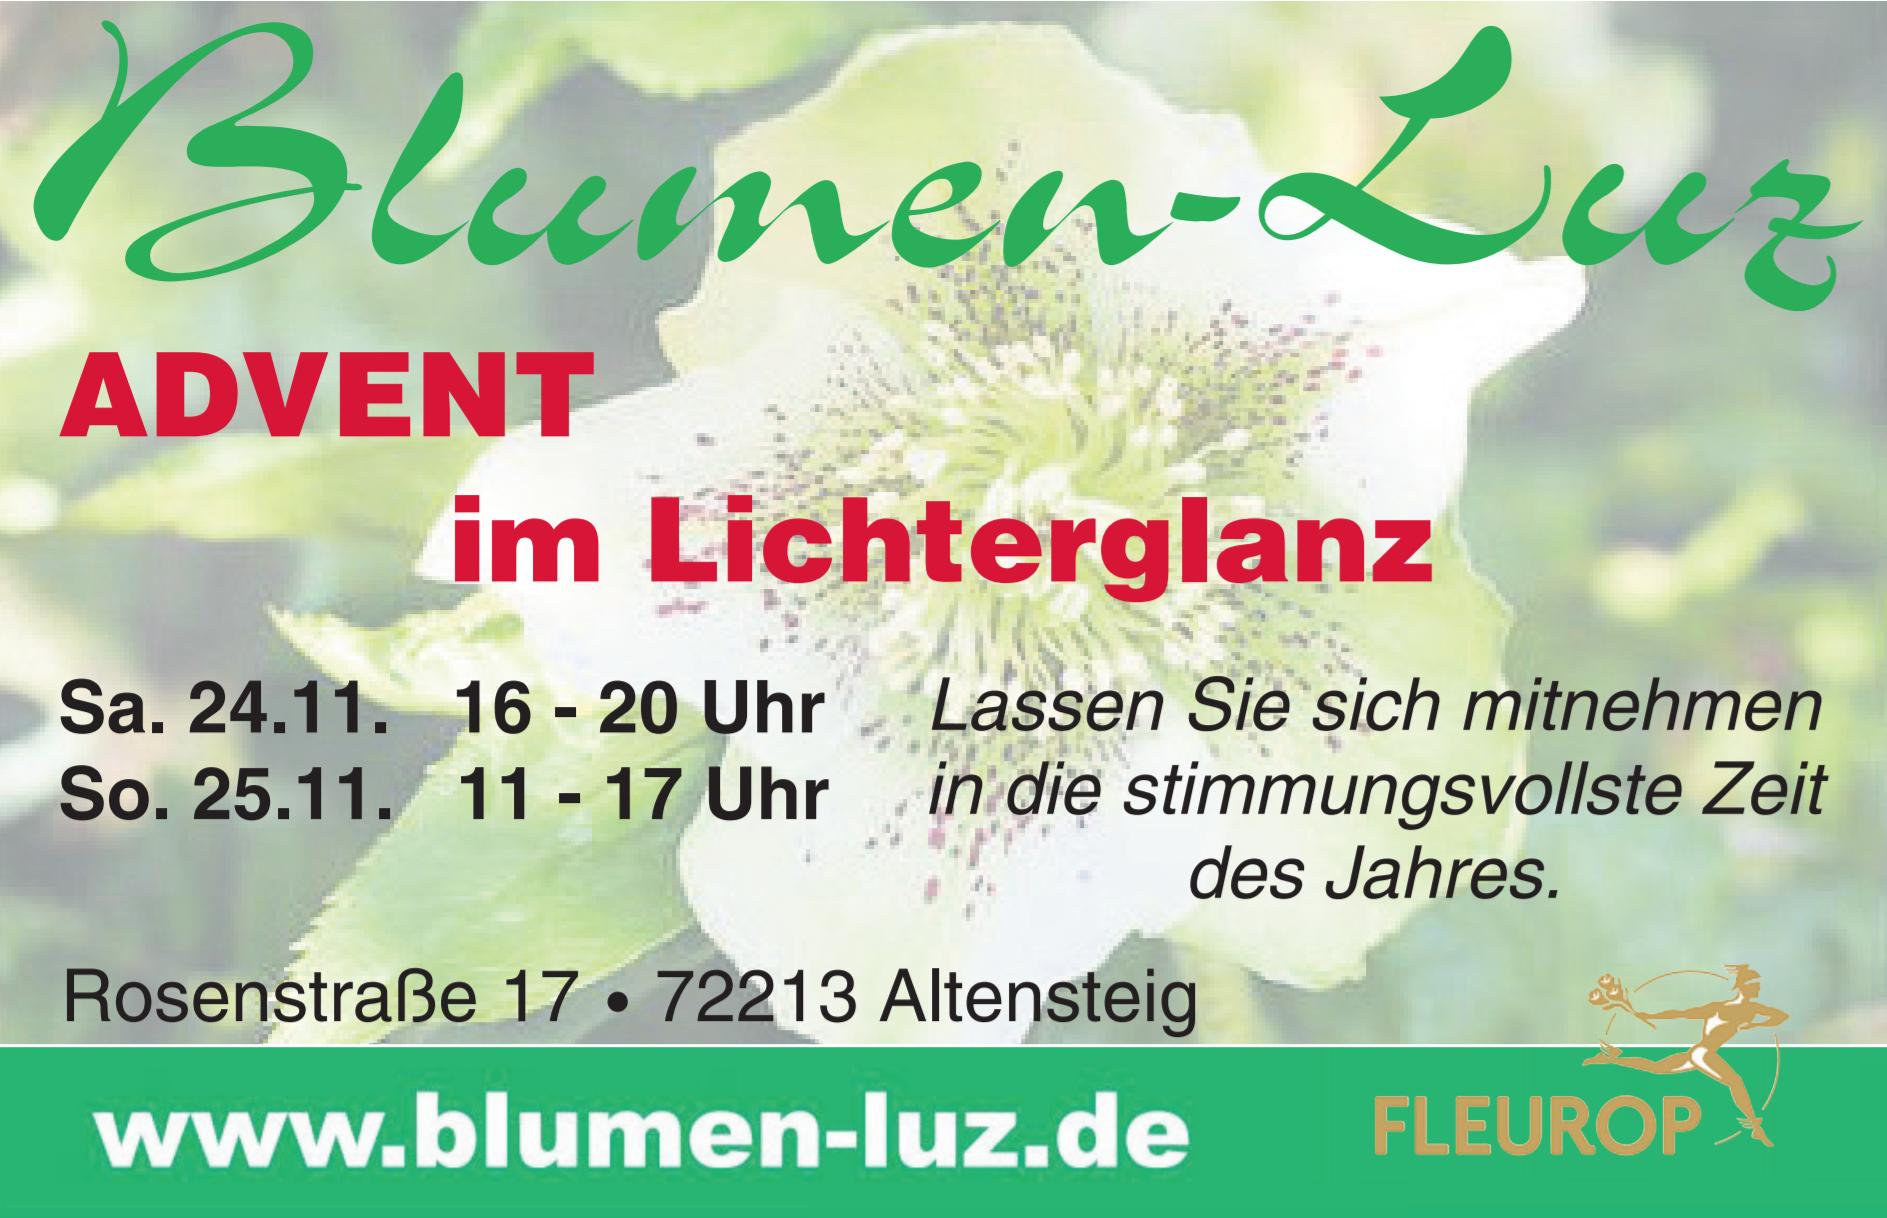 Advent_im_Lichterglanz_Blumen-Luz_Altensteig